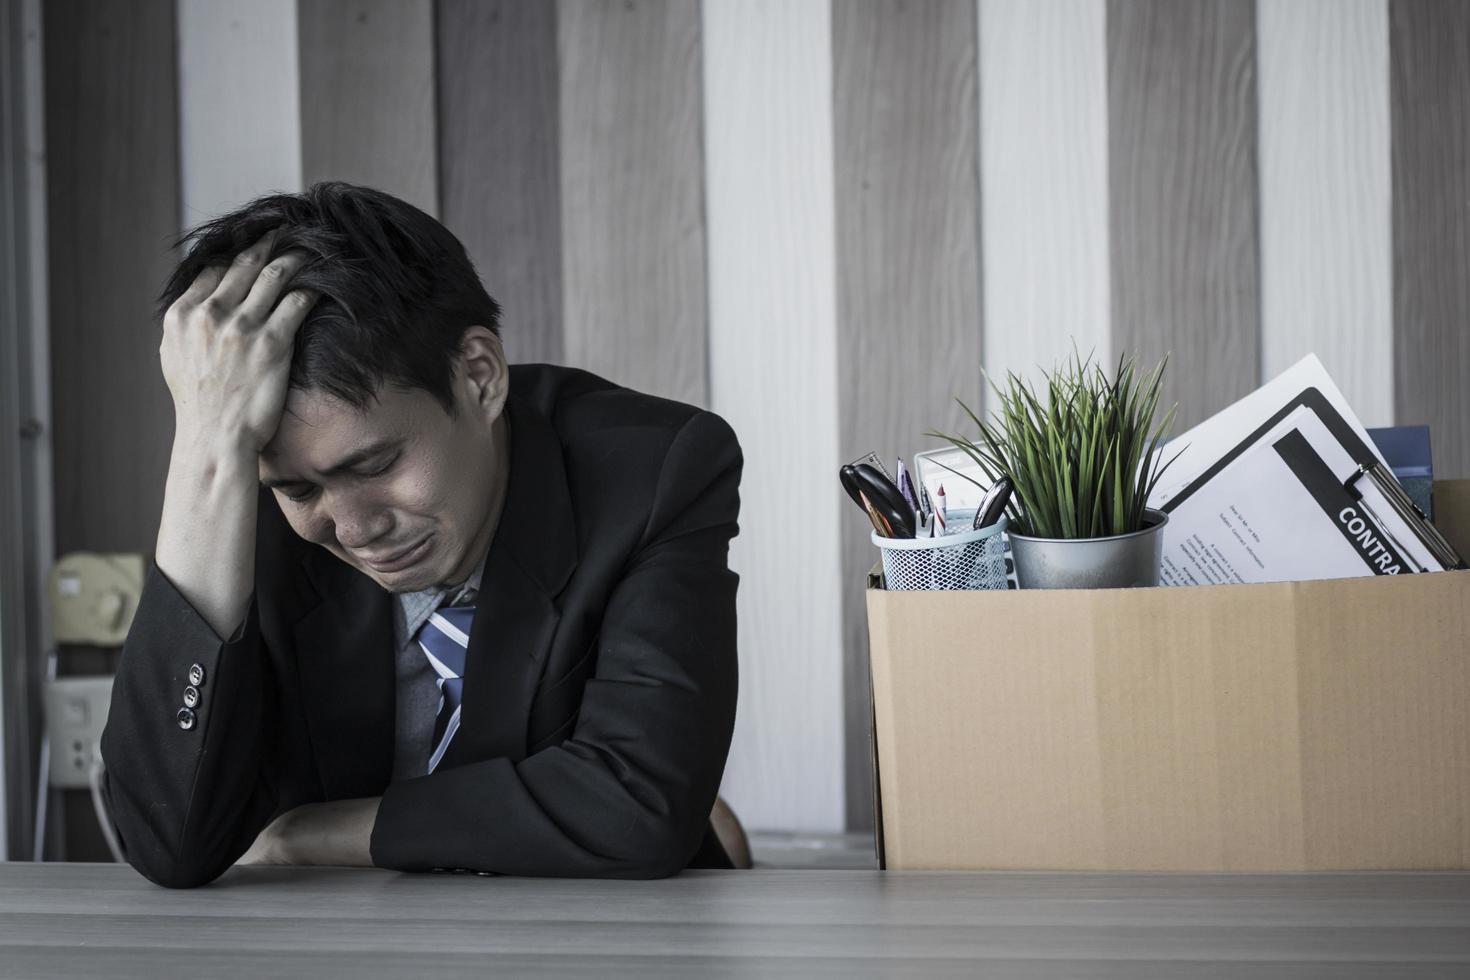 homme bouleversé au bureau après avoir été licencié photo